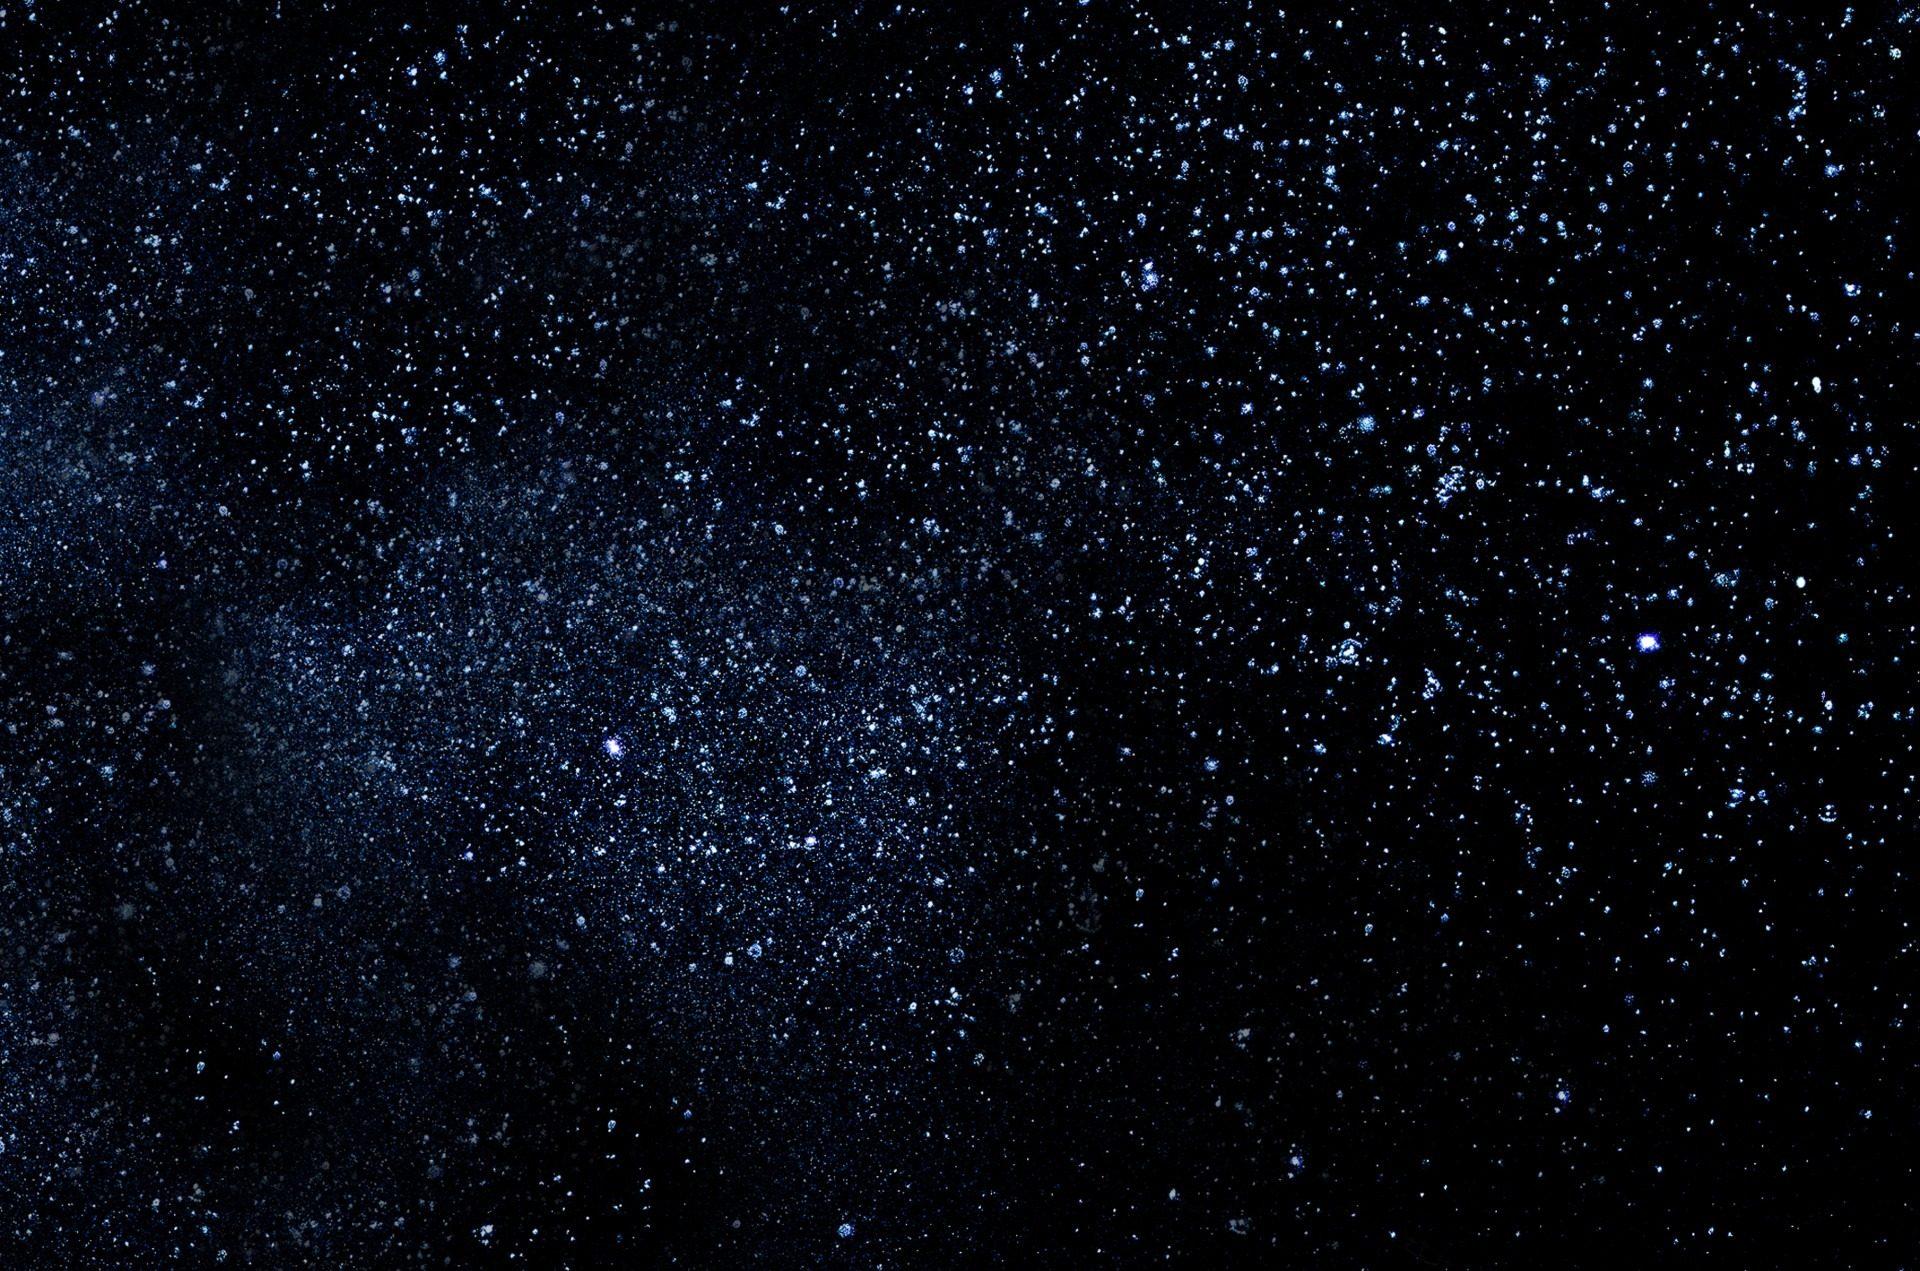 स्टार, आकाश, रात, मात्रा, आकाशगंगाओं, अंतरिक्ष - HD वॉलपेपर - प्रोफेसर-falken.com